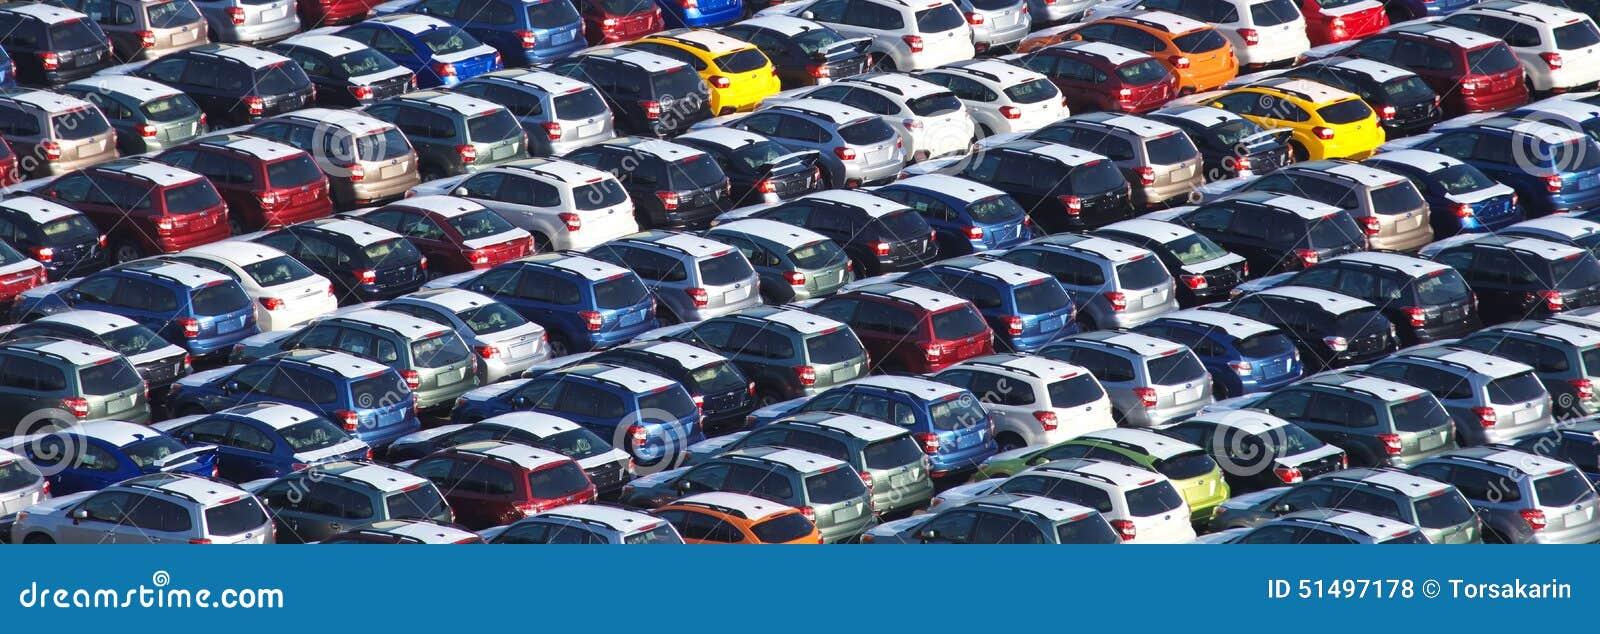 Väntande på import för ny japansk bil